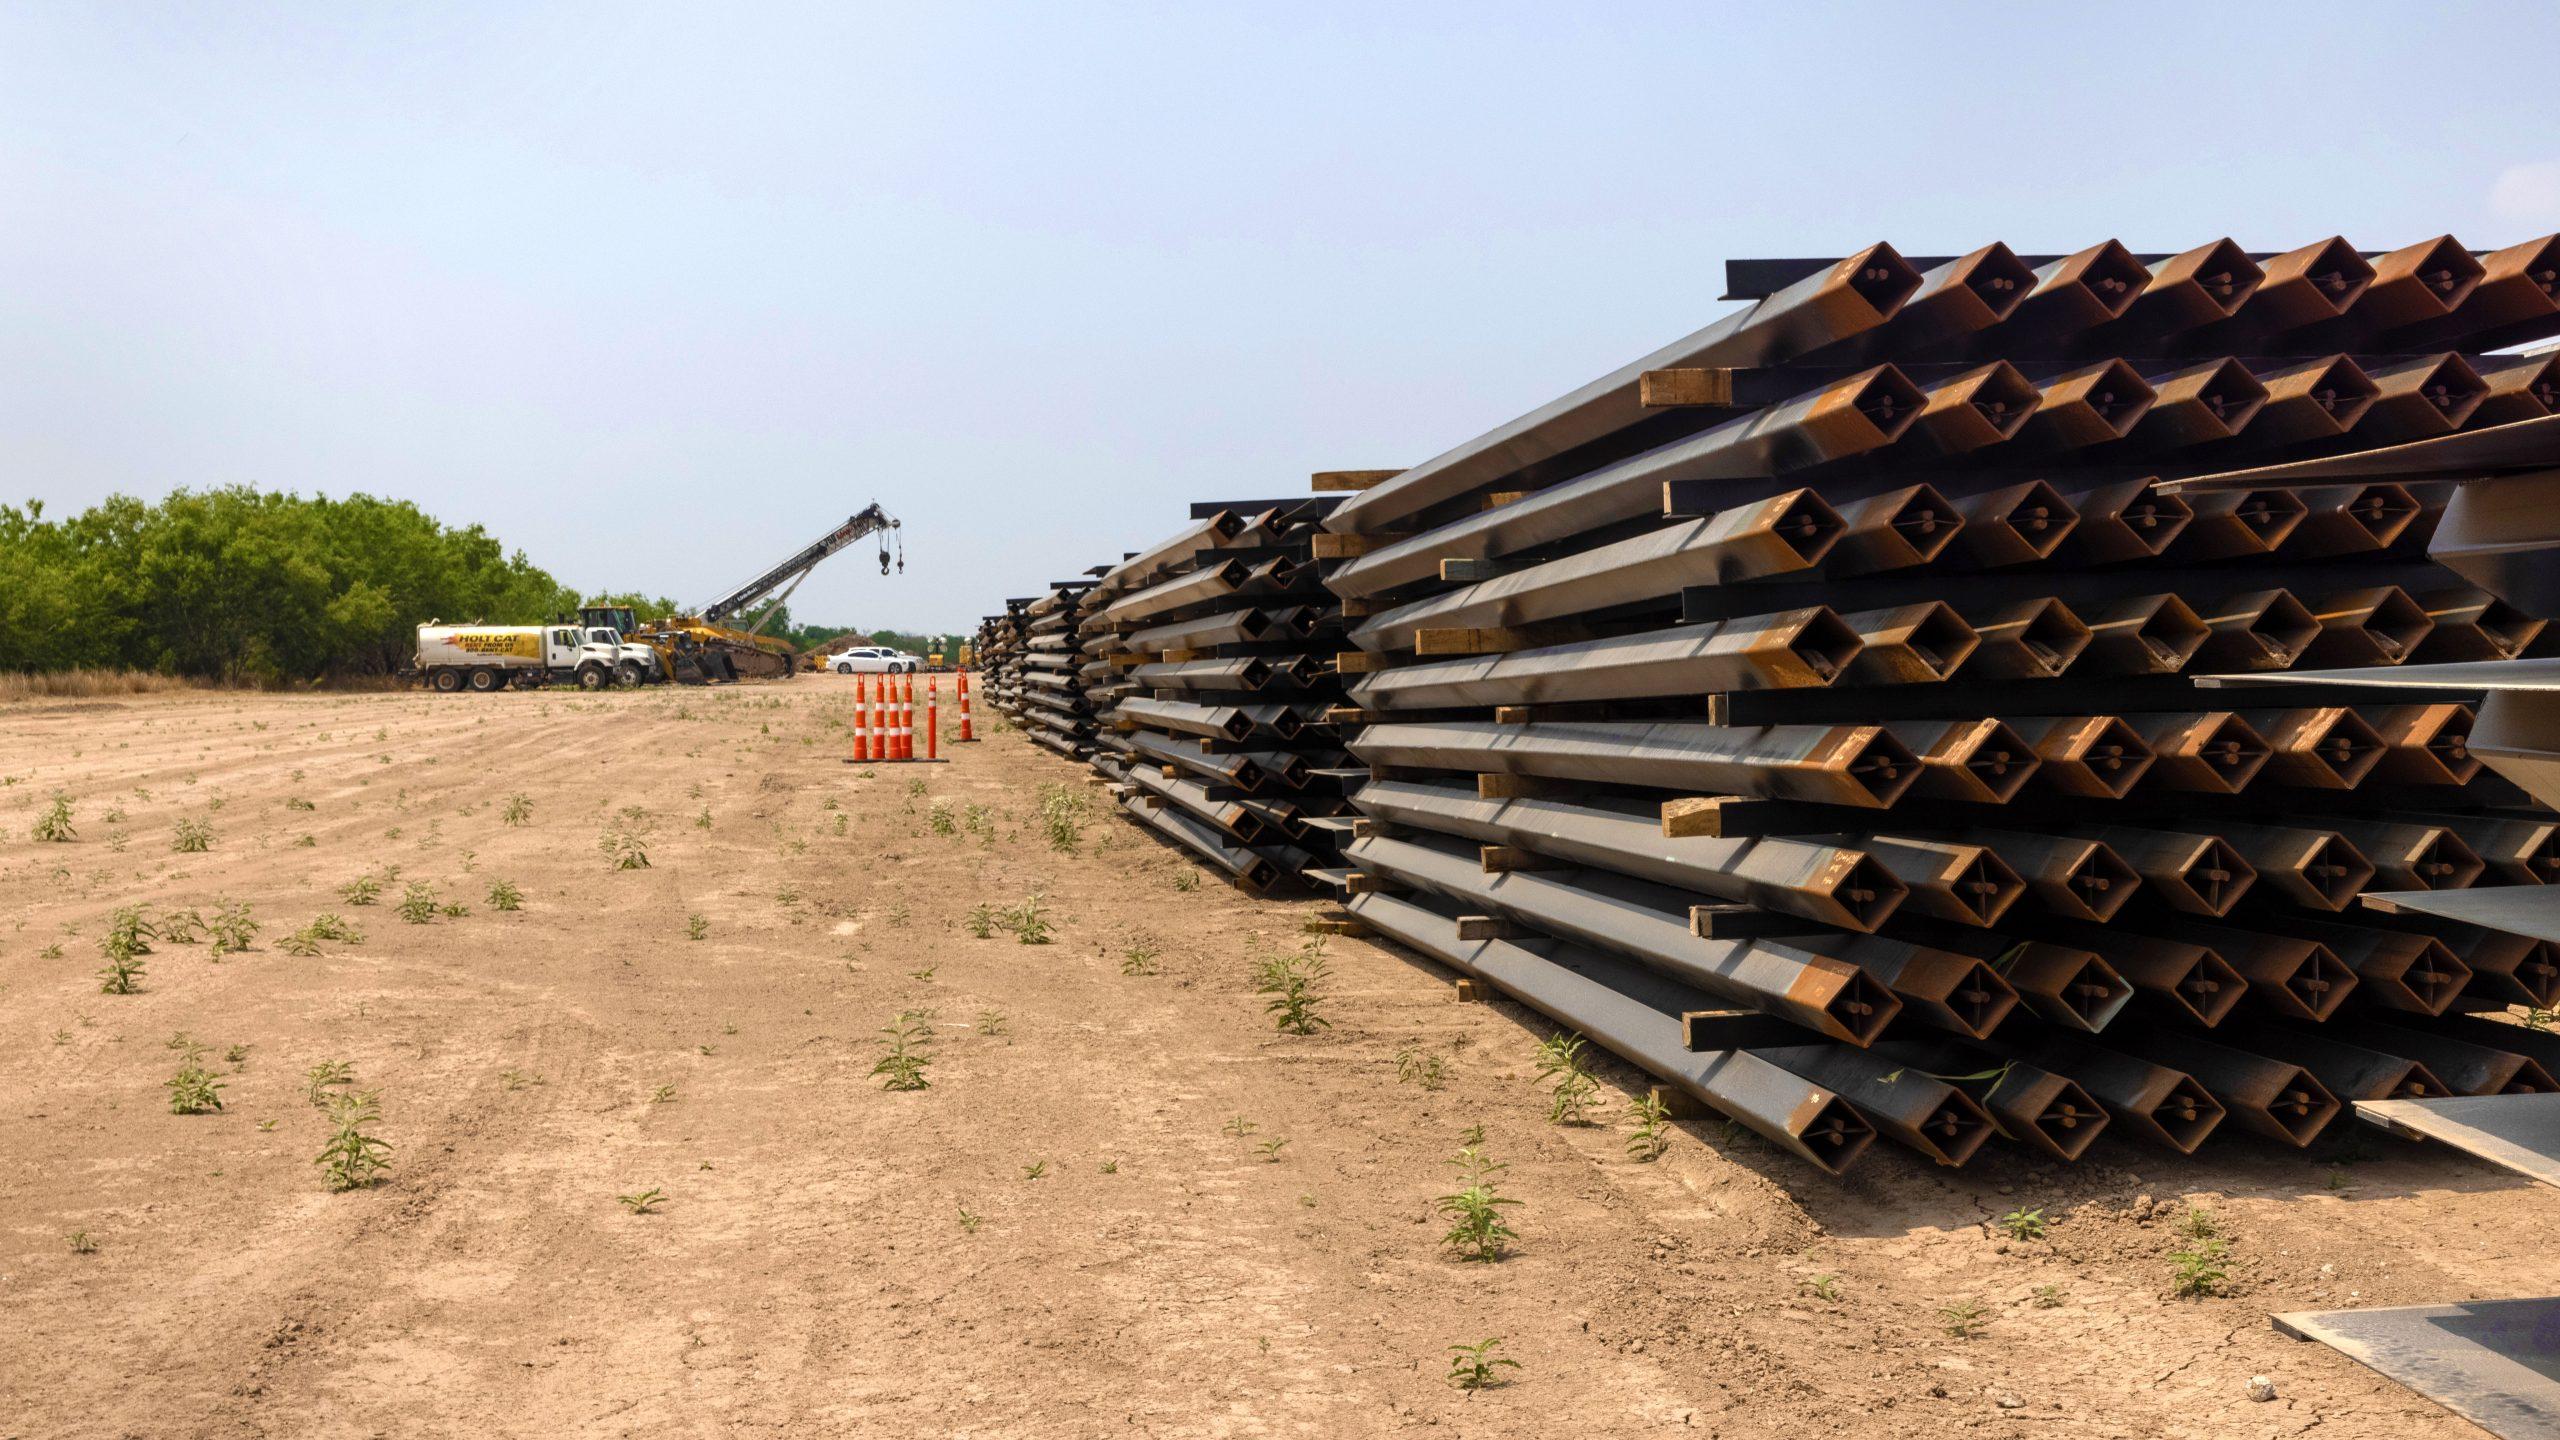 BREAKING: Biden Administration Restarts Border Wall Construction